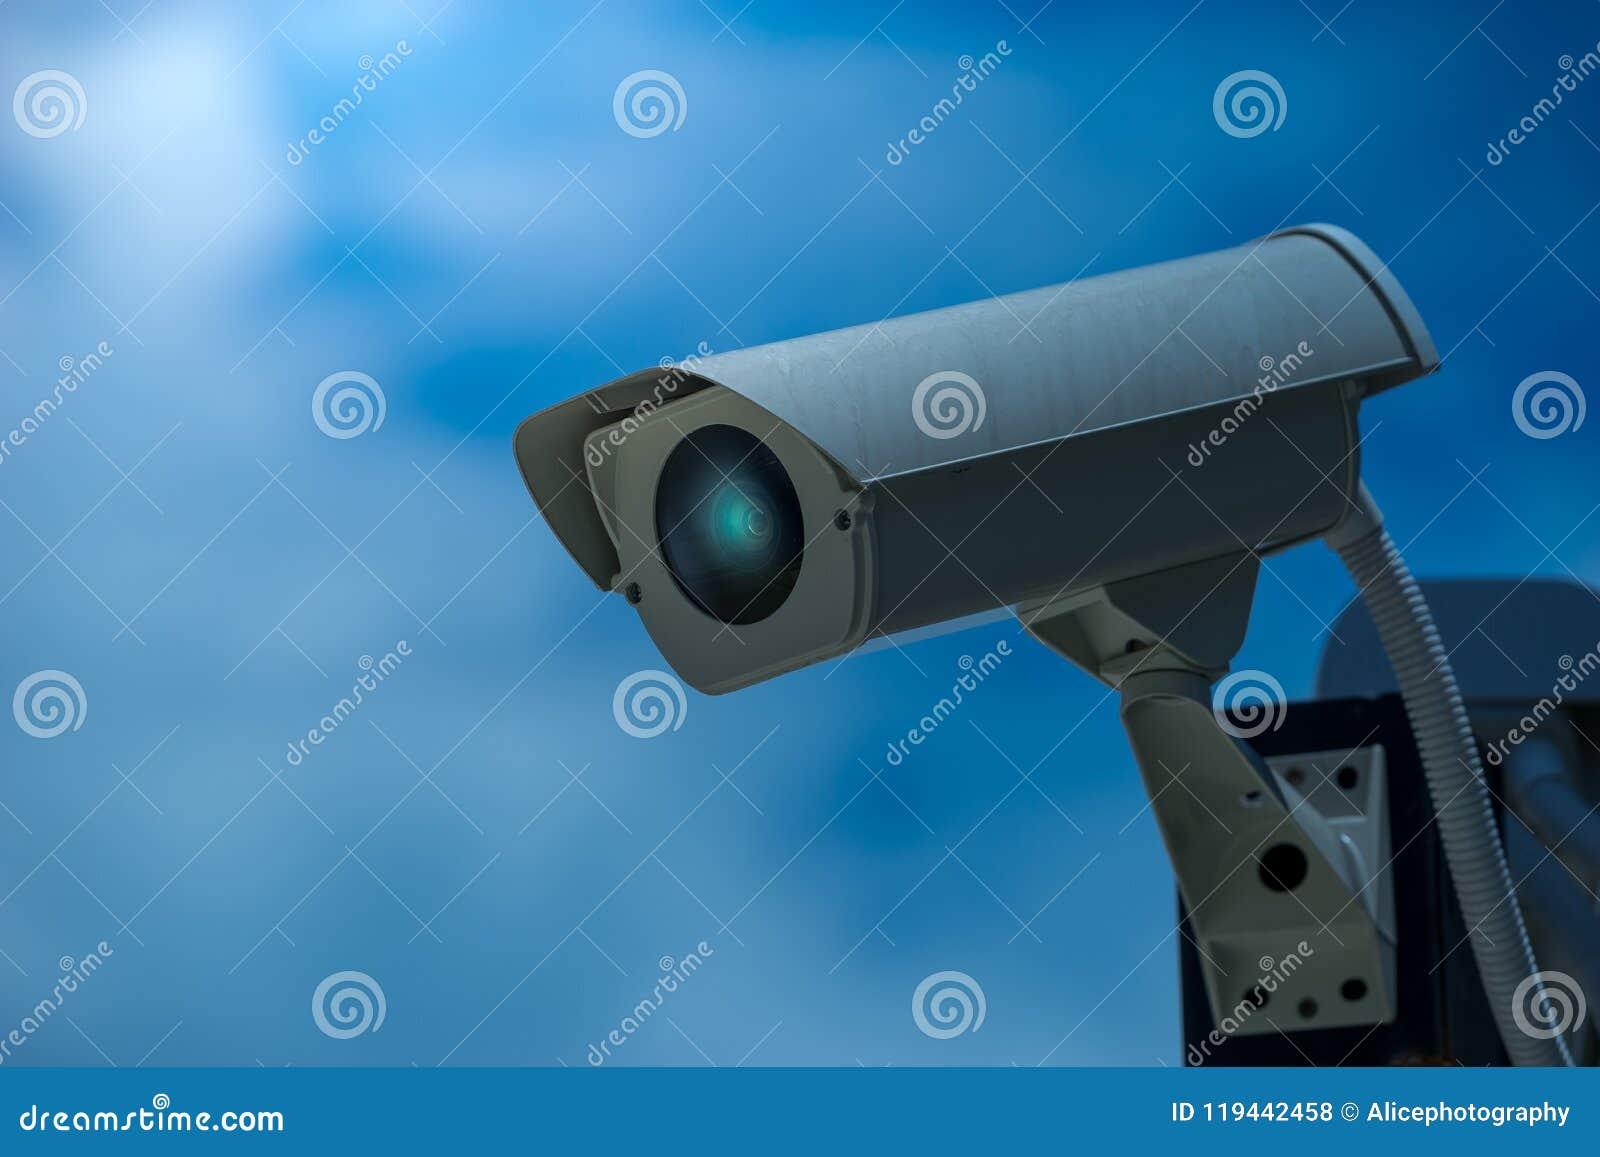 Hacked Security Cameras